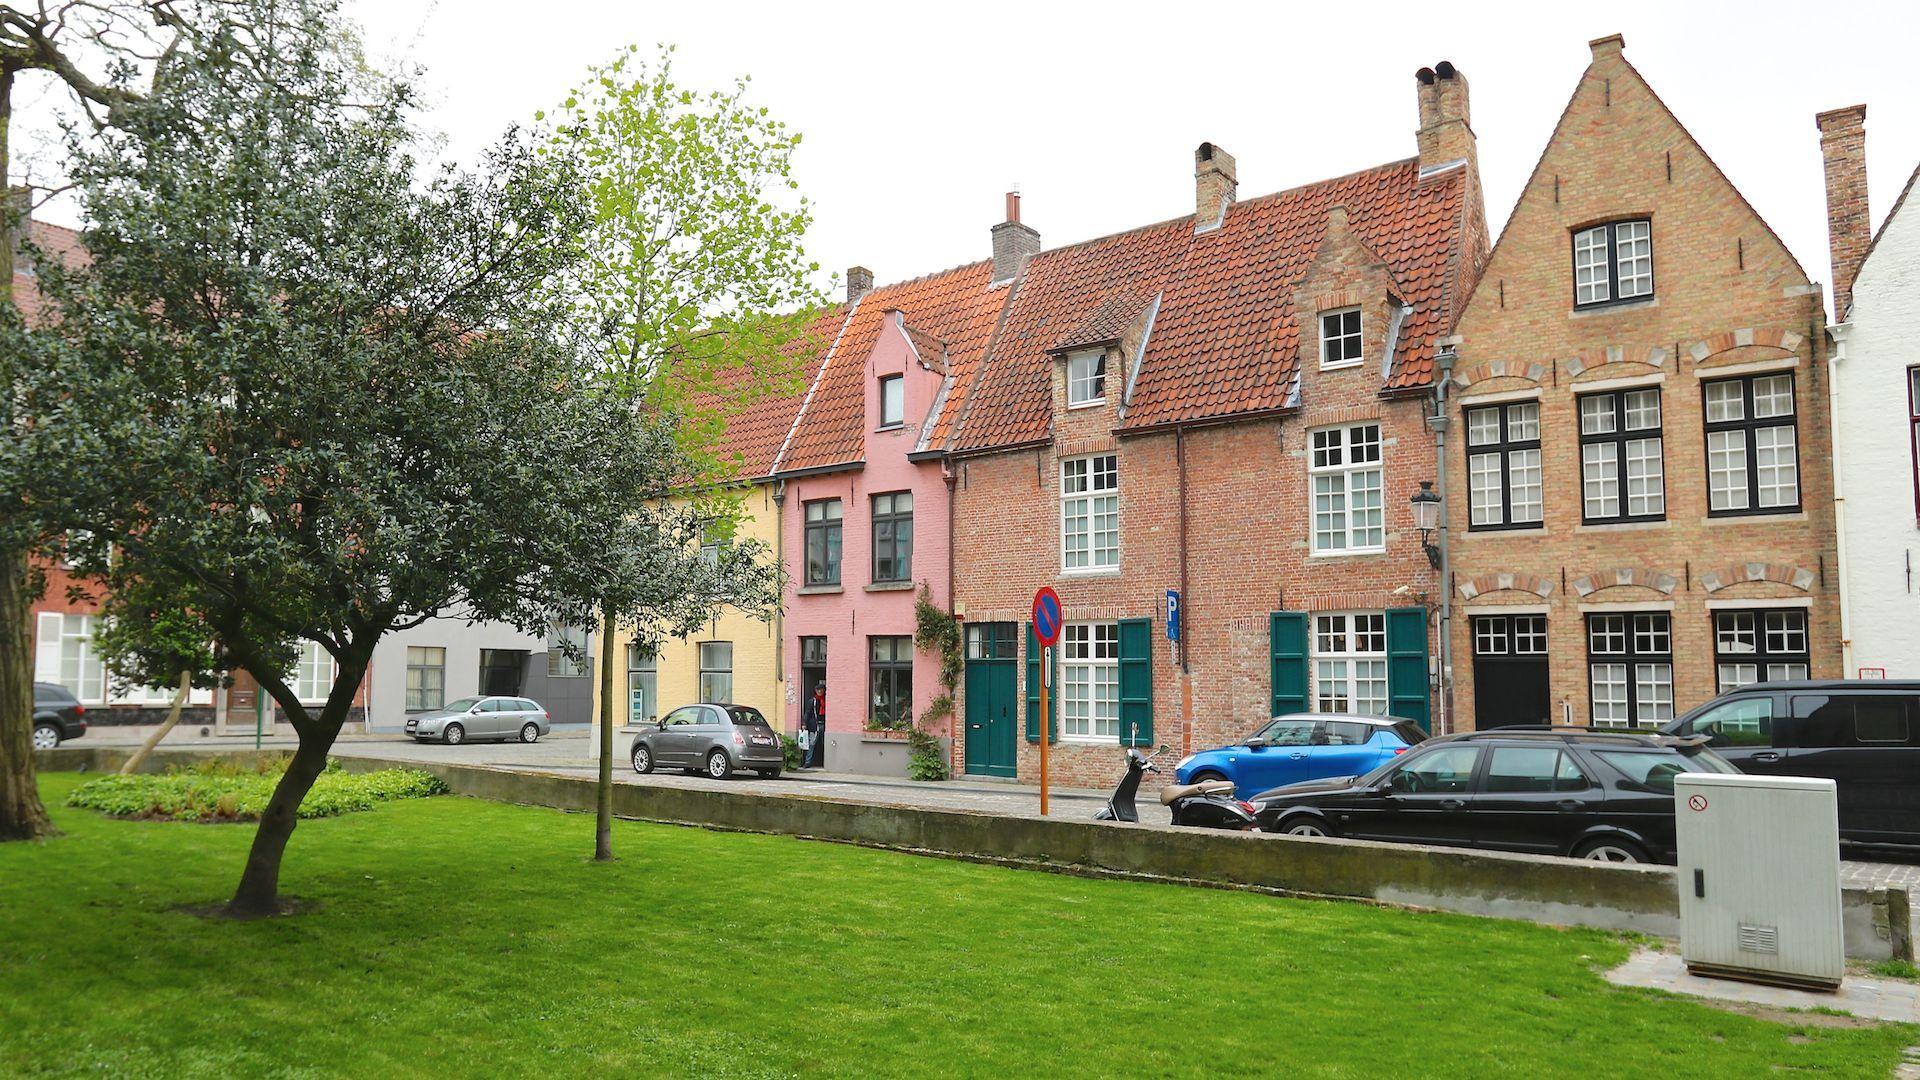 sfeervol 16e-17e eeuws breedhuis met zonnige terrastuin – Brugge, schilderachtige en stille ligging rond Sint Gilliskerk - optionele aankoop garage vlakbij de woning